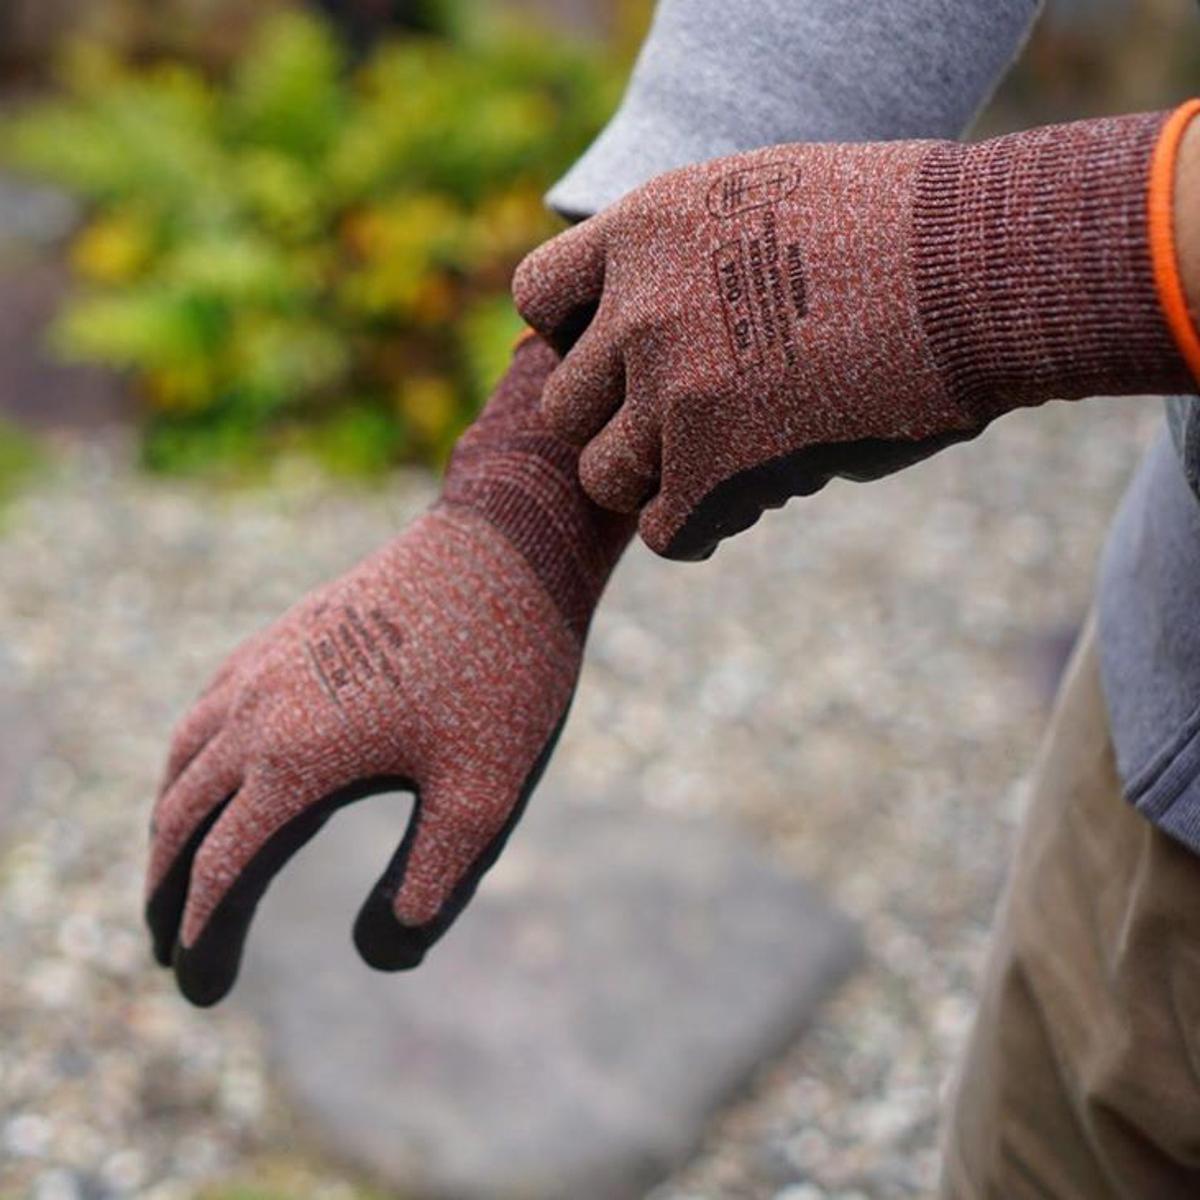 家事にDIYに「やる気手袋」 | スマホにタッチOK!ネジもつまめるフィット感